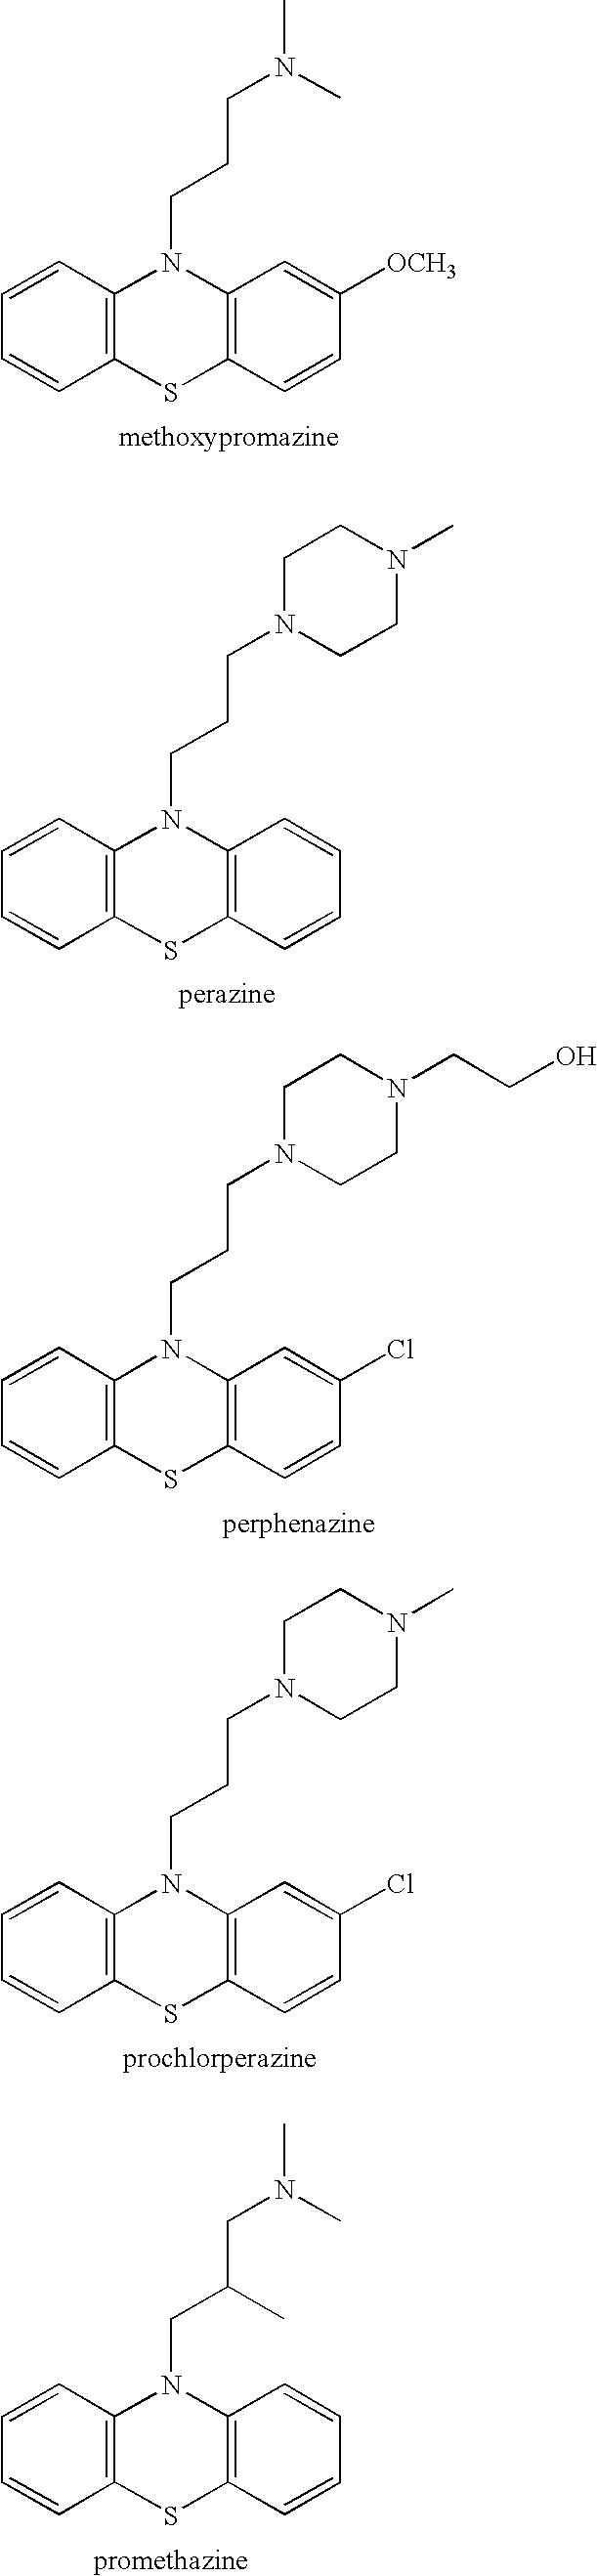 Figure US20070299043A1-20071227-C00261